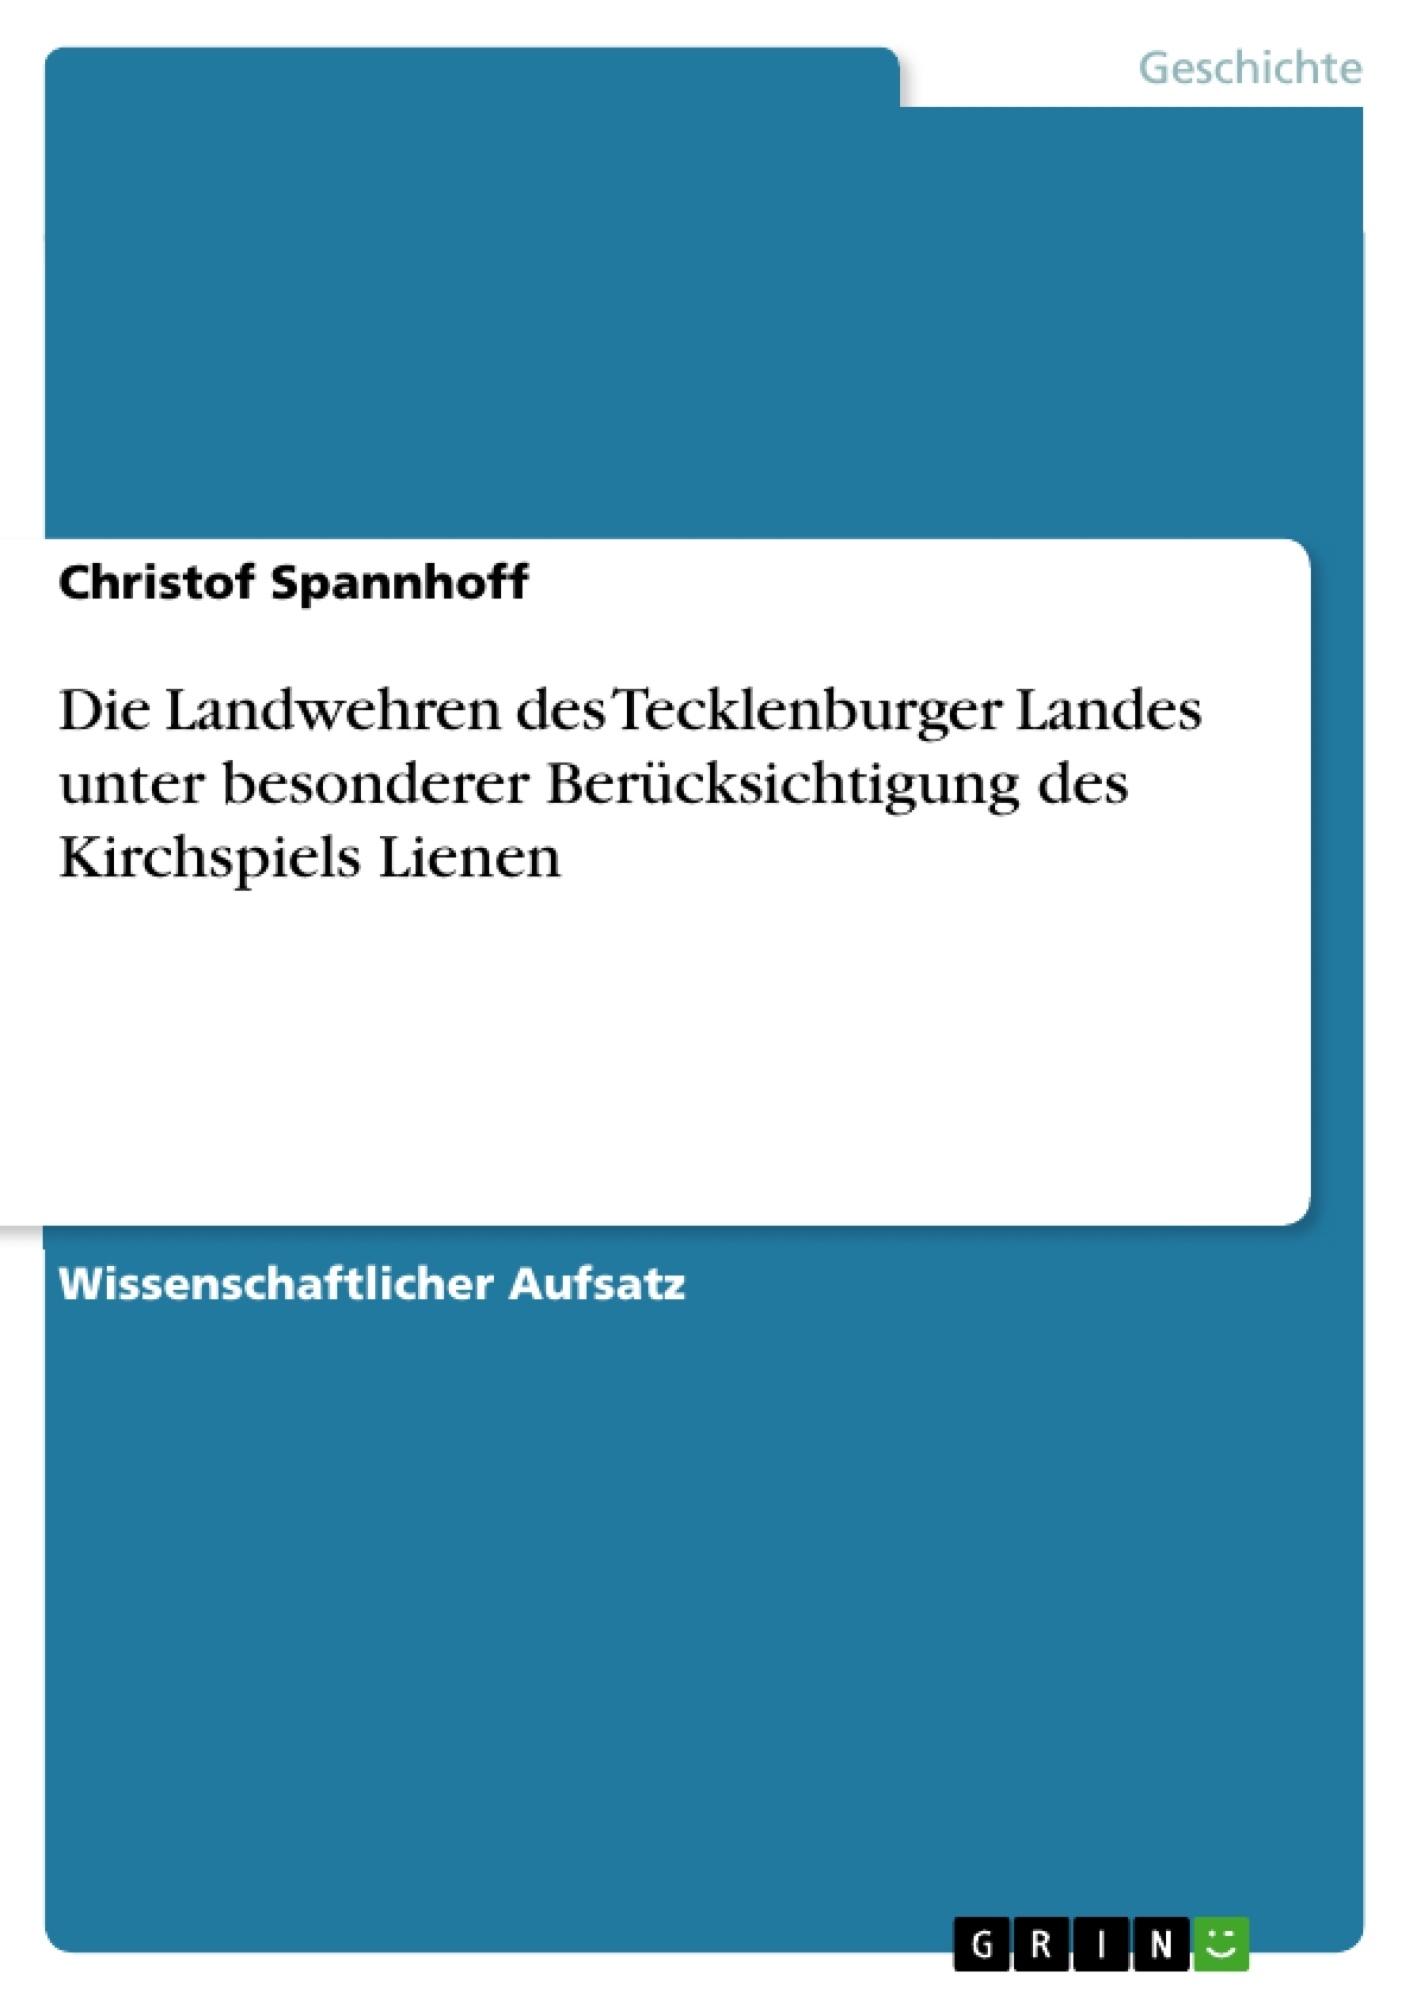 Titel: Die Landwehren des Tecklenburger Landes unter besonderer Berücksichtigung des Kirchspiels Lienen